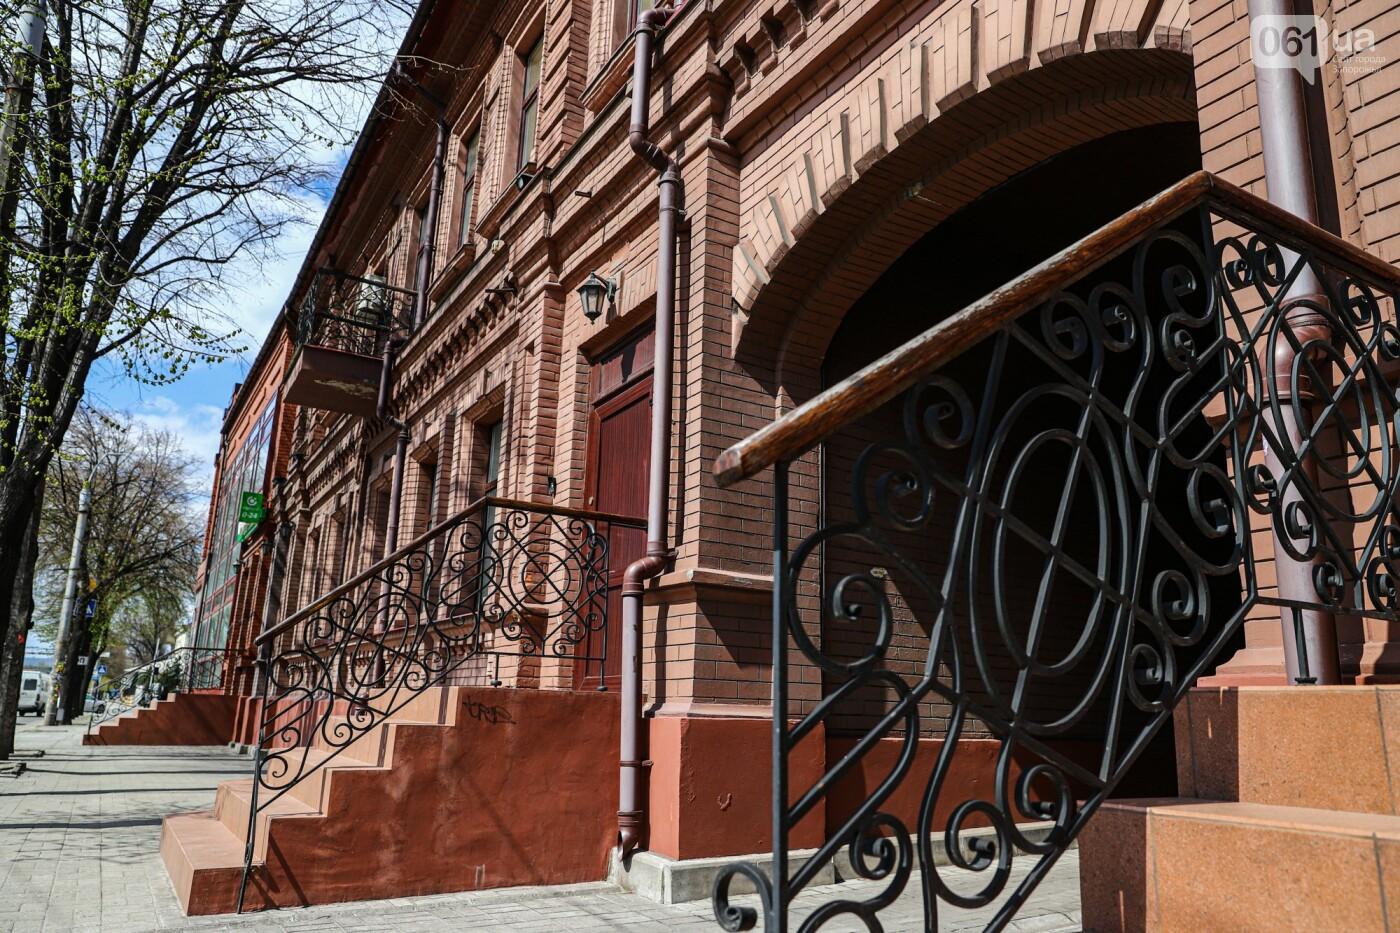 Памятники Старого Александровска: как сейчас выглядит доходный дом Регирера, - ФОТО, фото-8